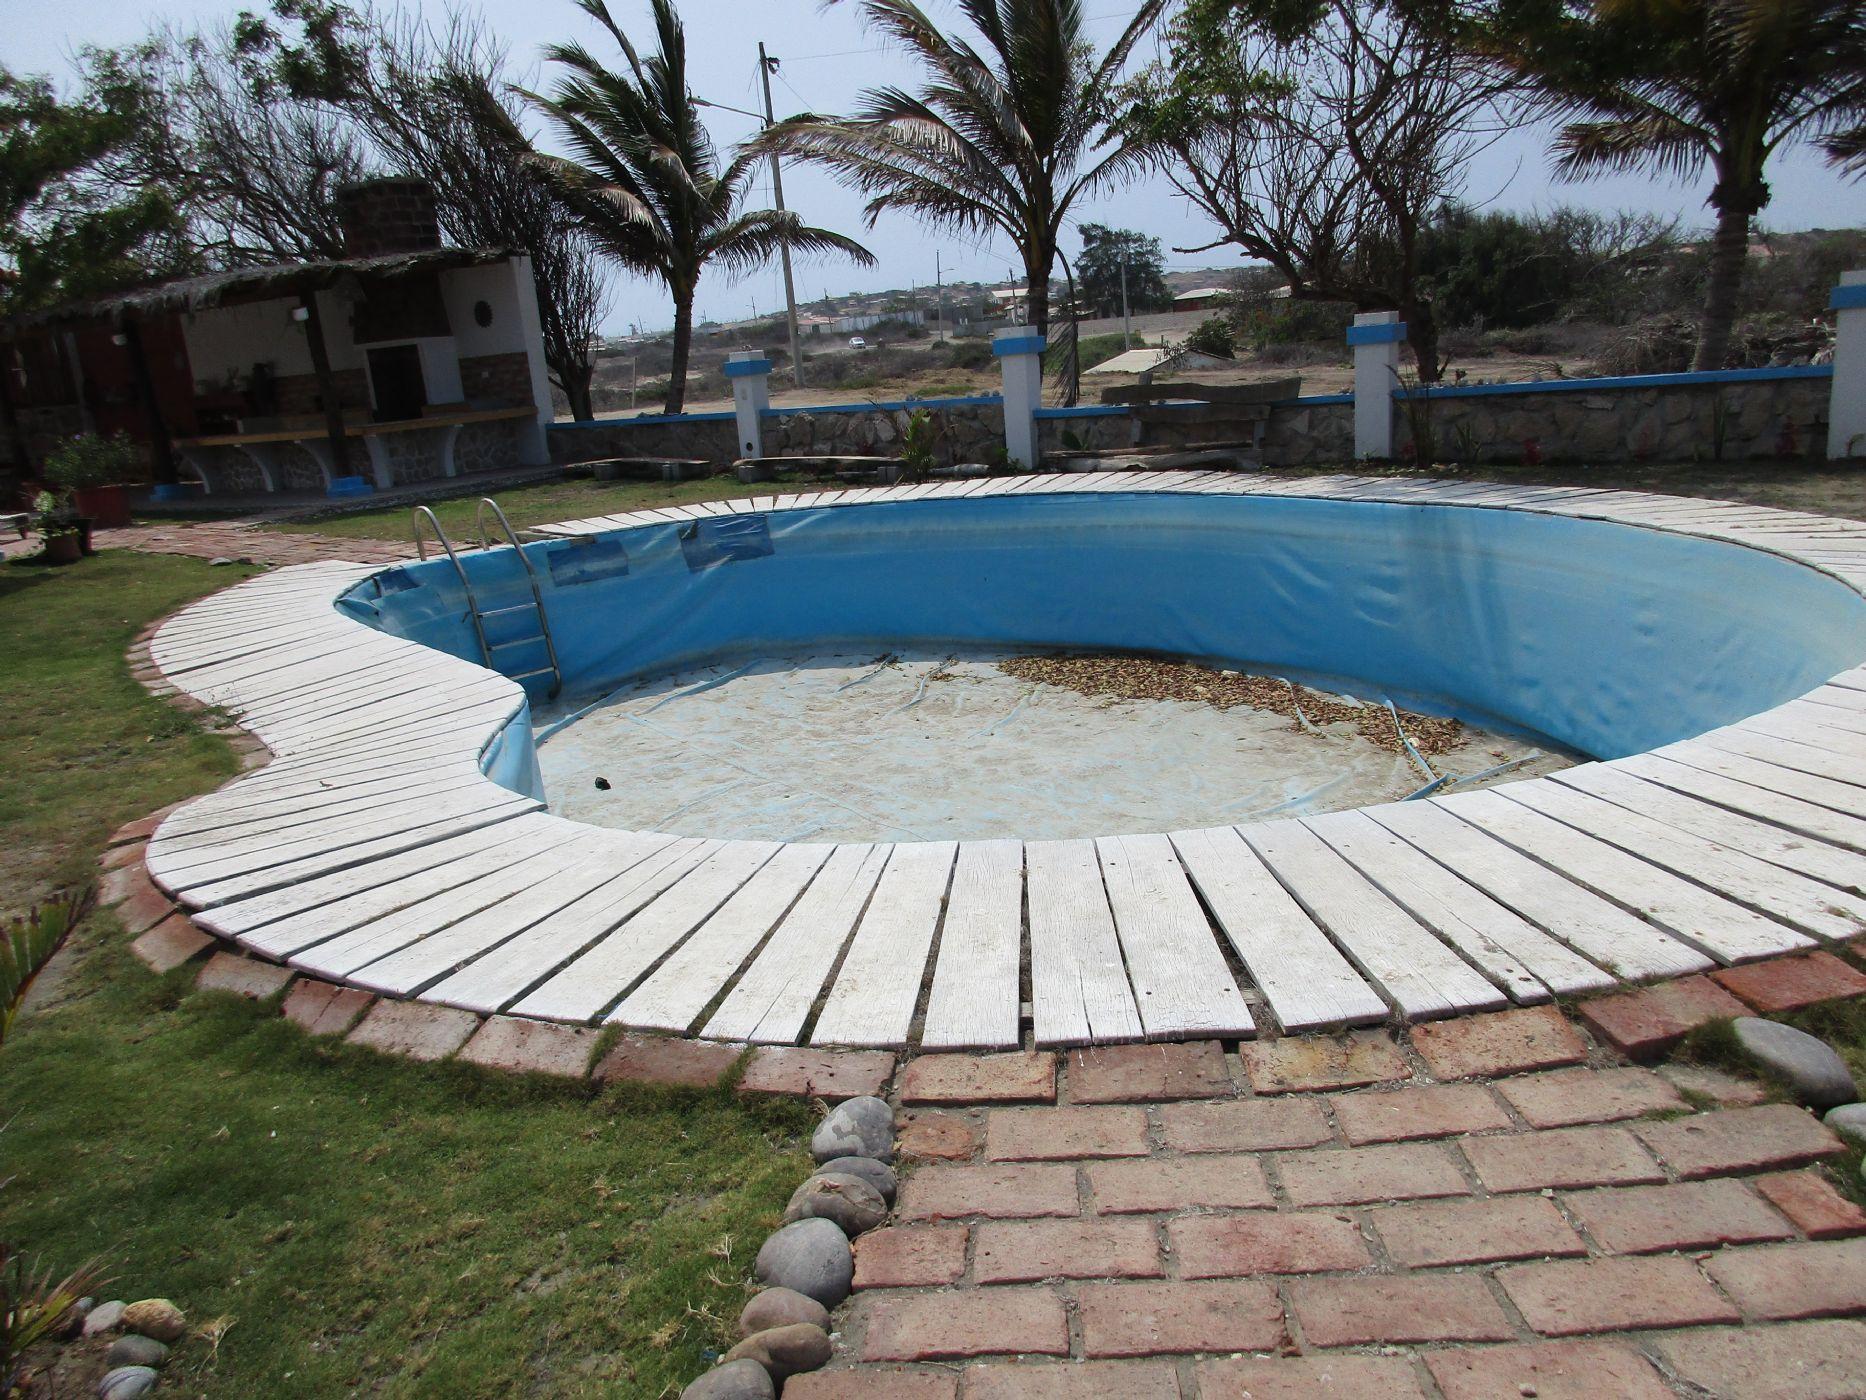 Anconcito-Ecuador-property-490819-1.JPG